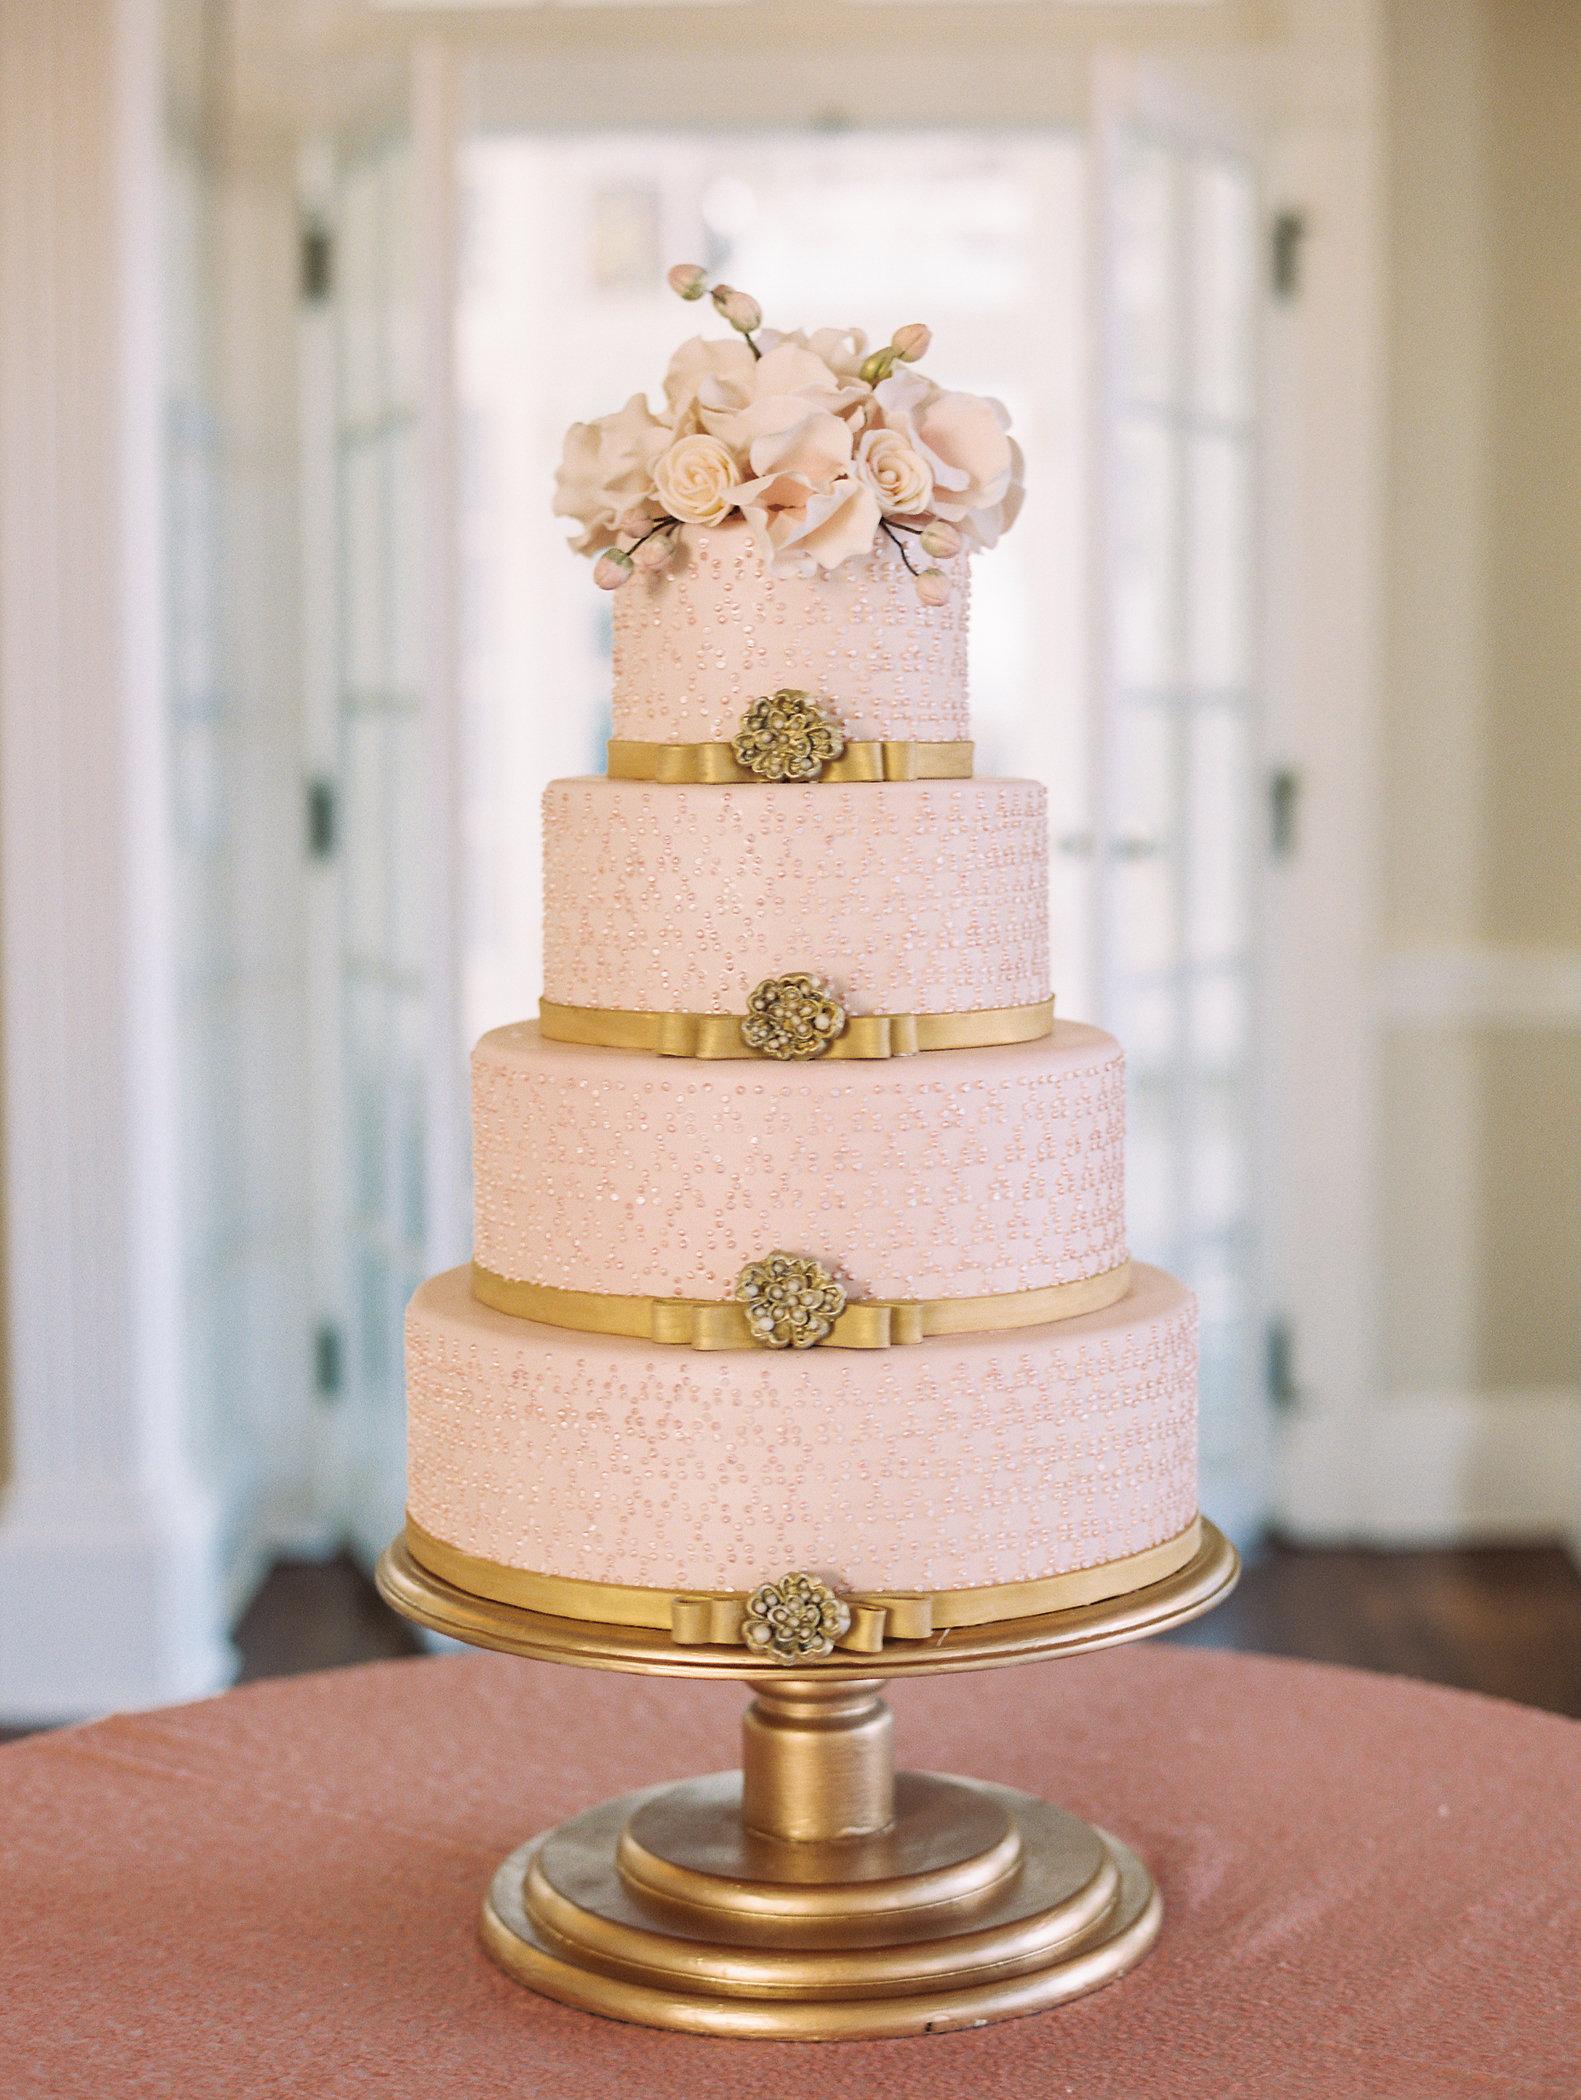 Gold and blush wedding cake catalog photo